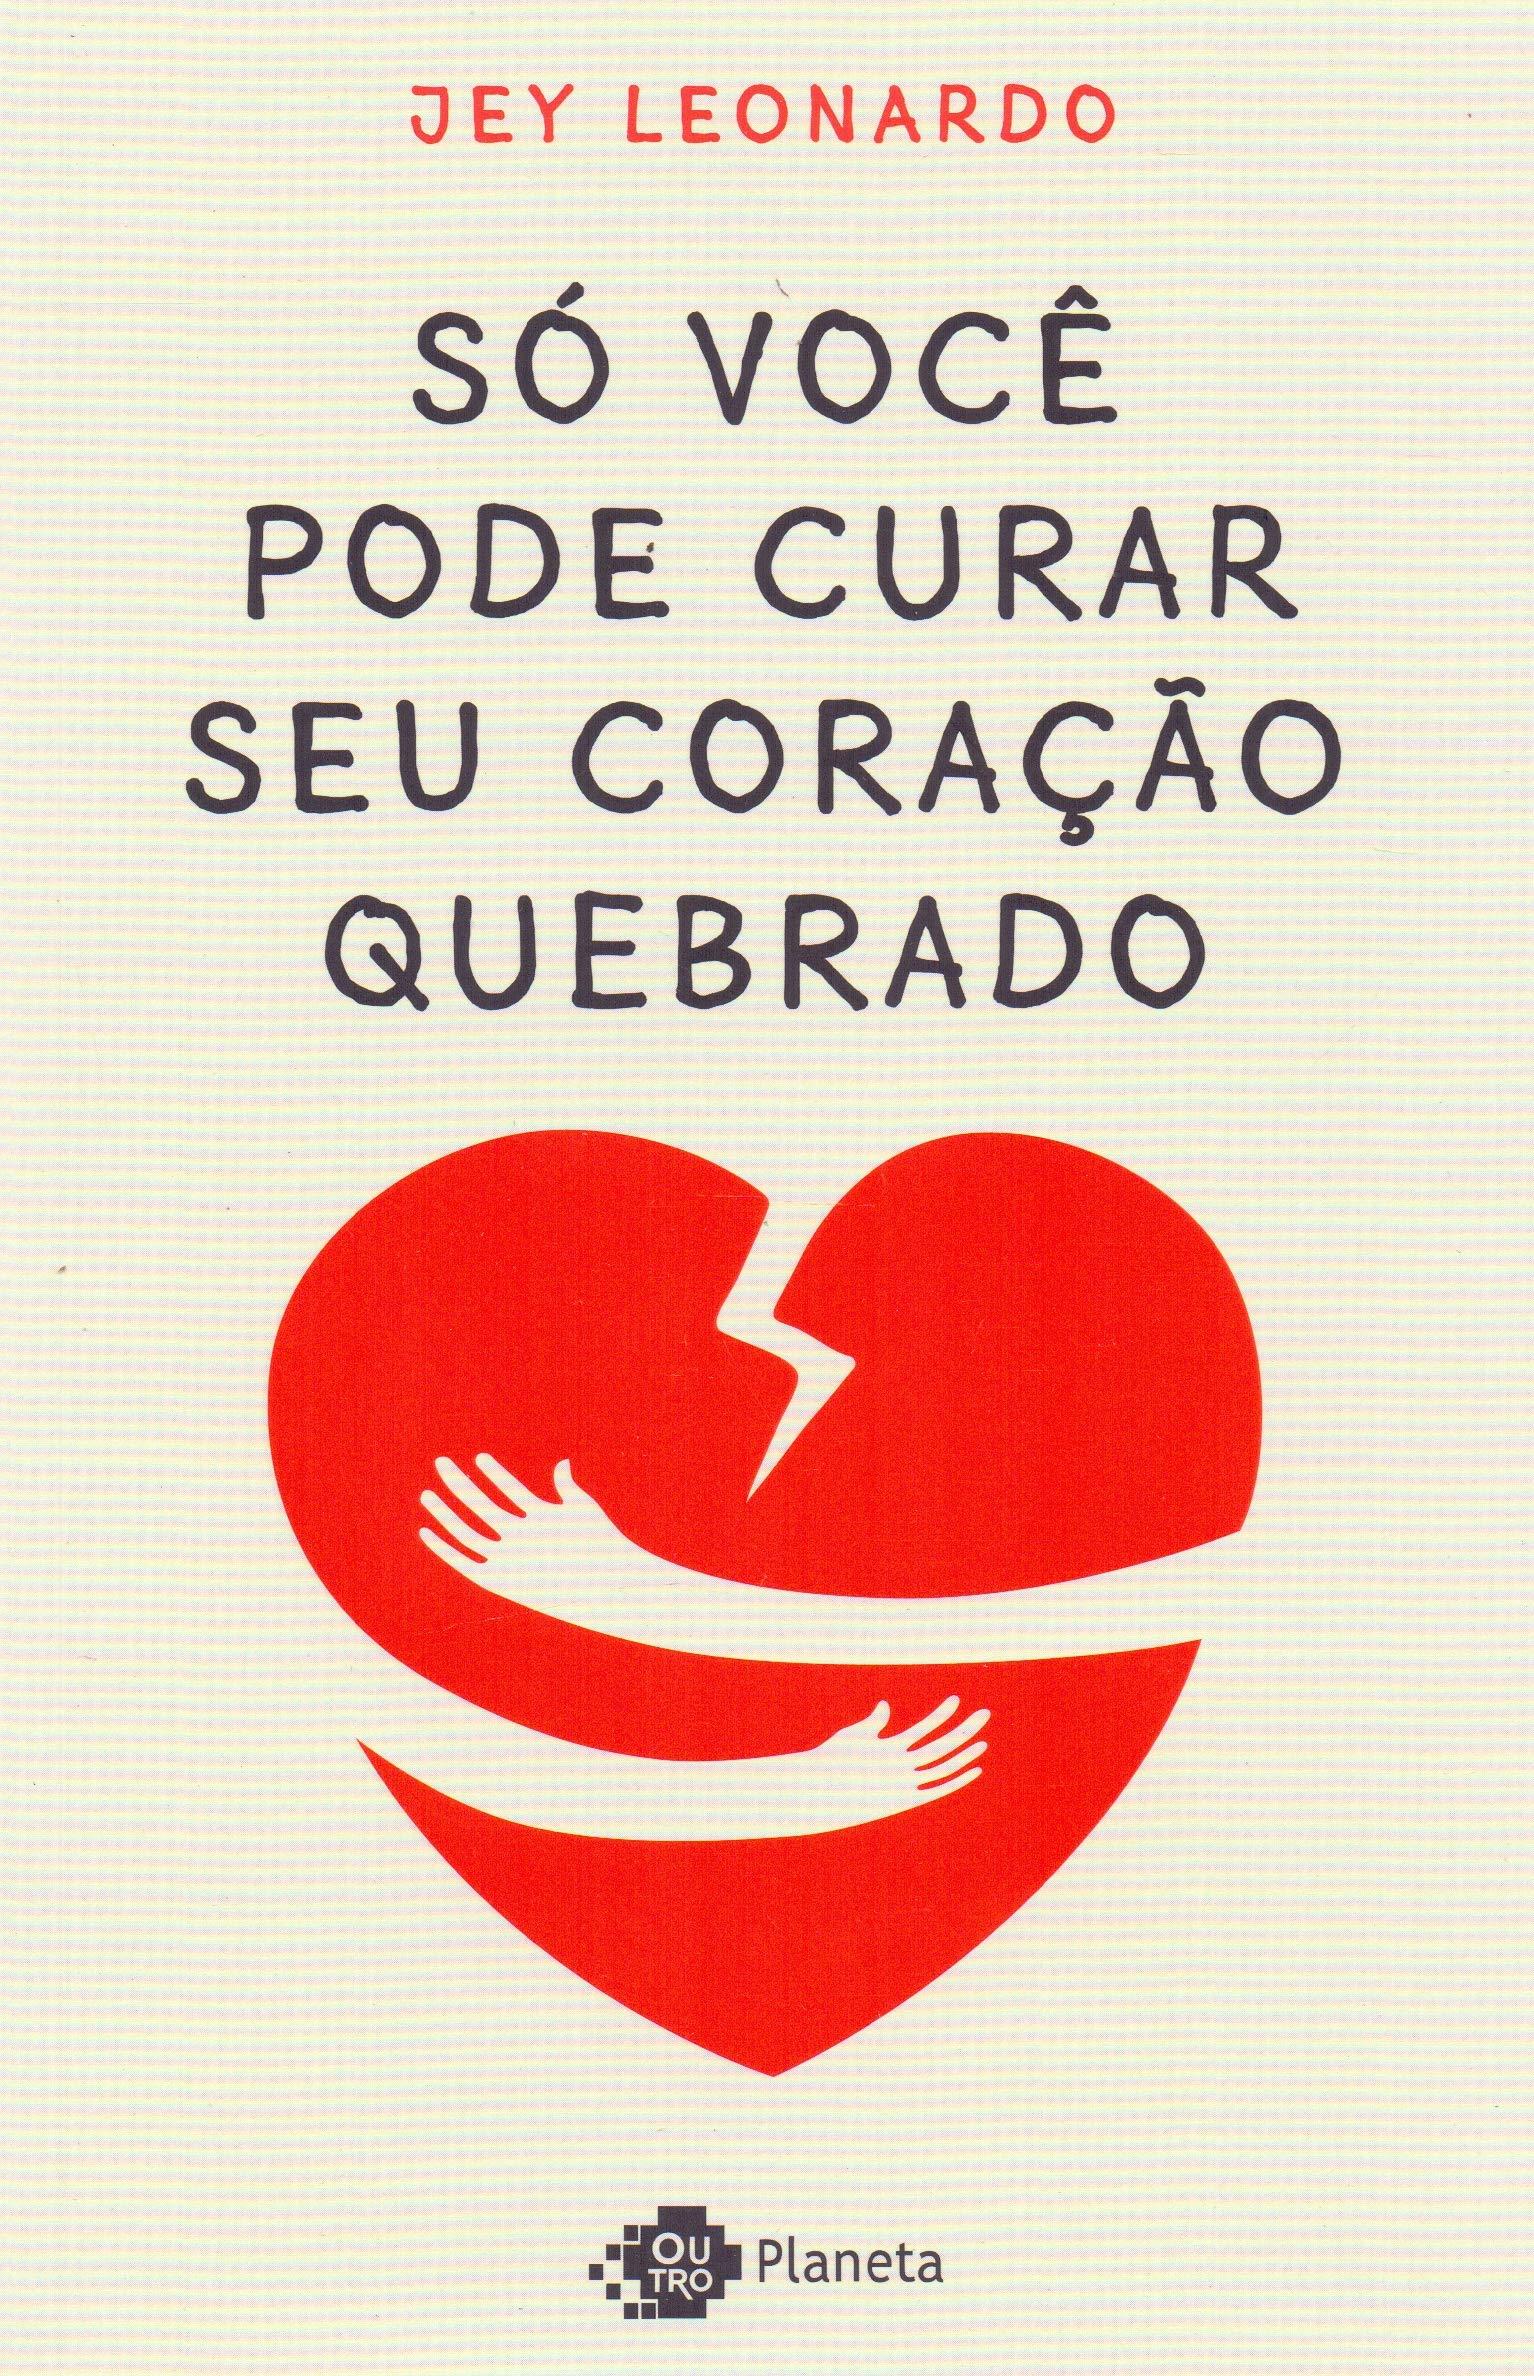 Só você pode curar seu coração quebrado | Amazon.com.br